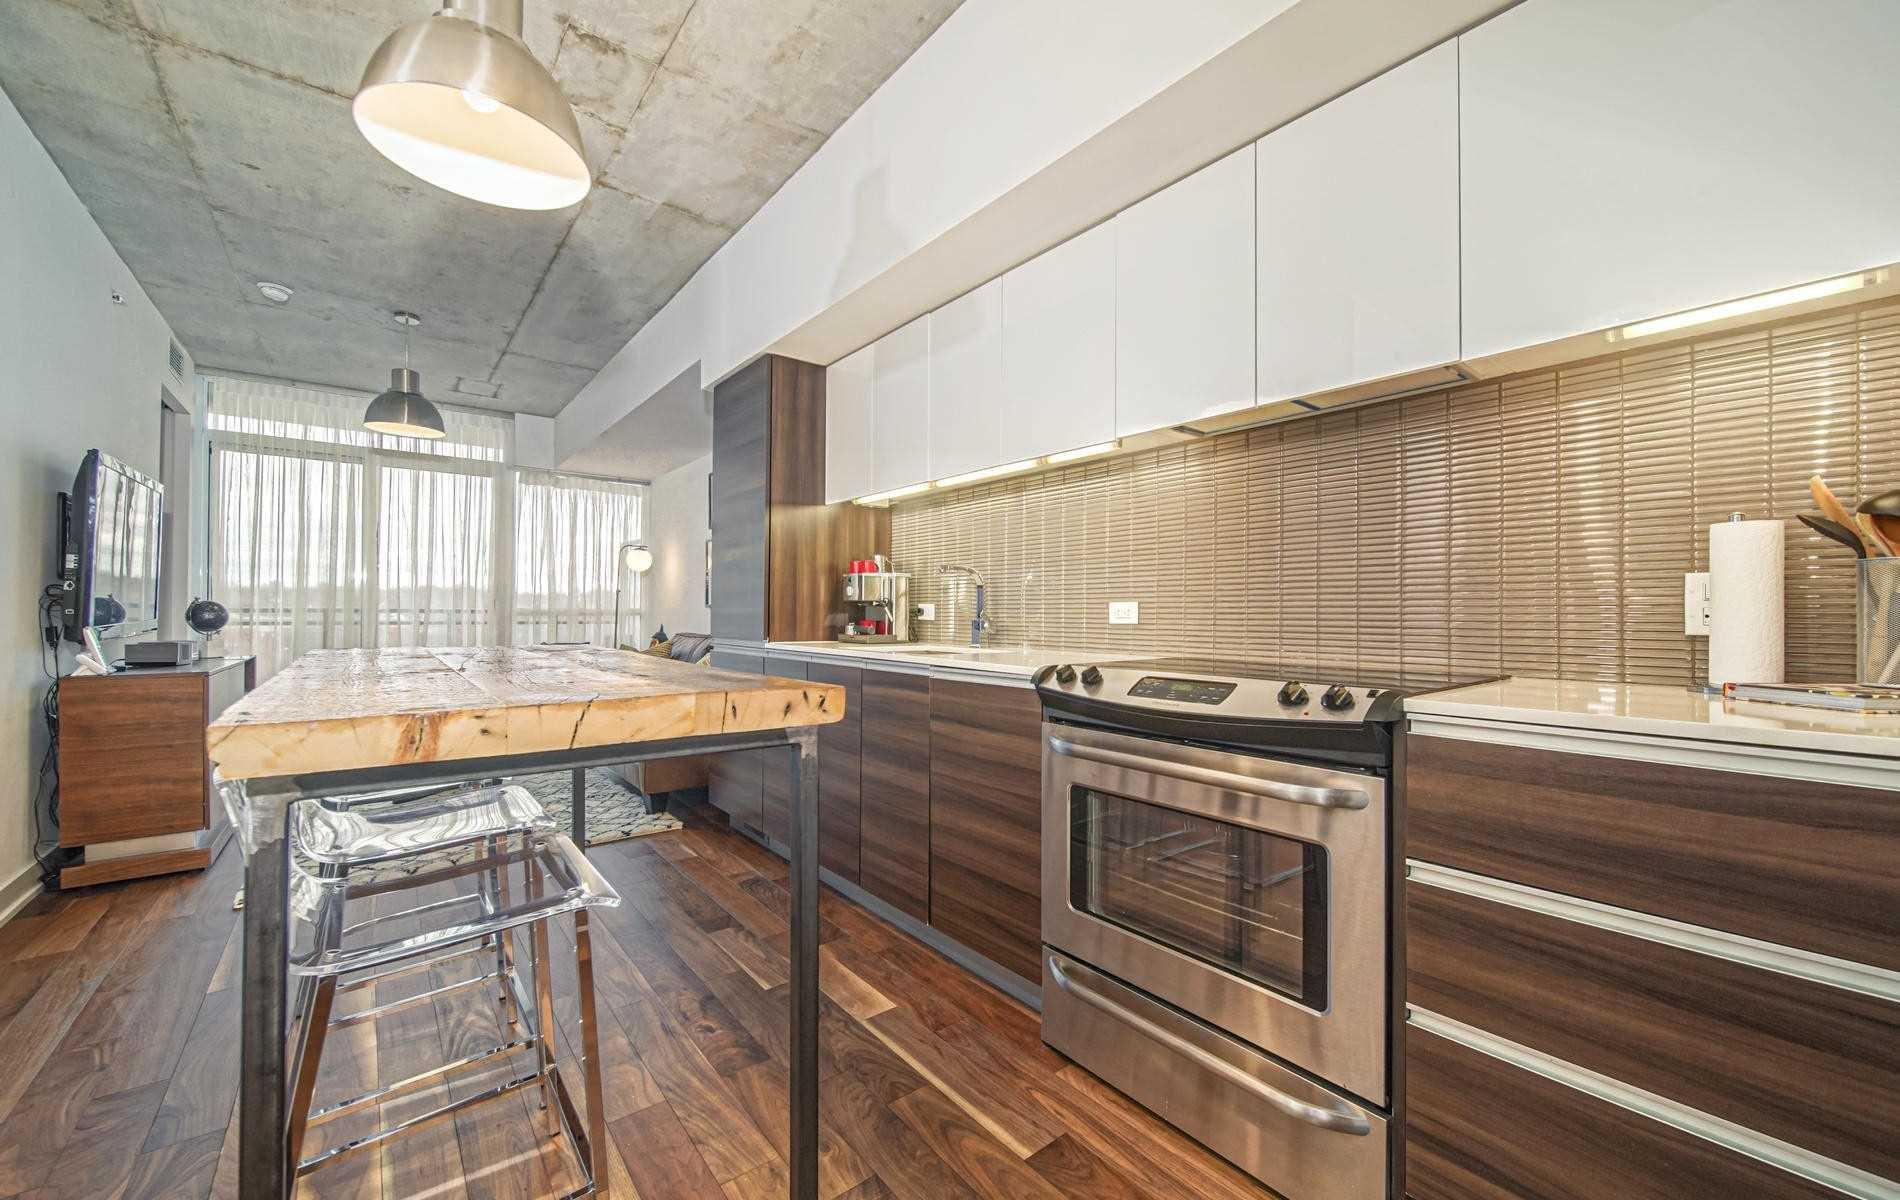 Photo 7: Photos: 702 1190 E Dundas Street in Toronto: South Riverdale Condo for sale (Toronto E01)  : MLS®# E4766173